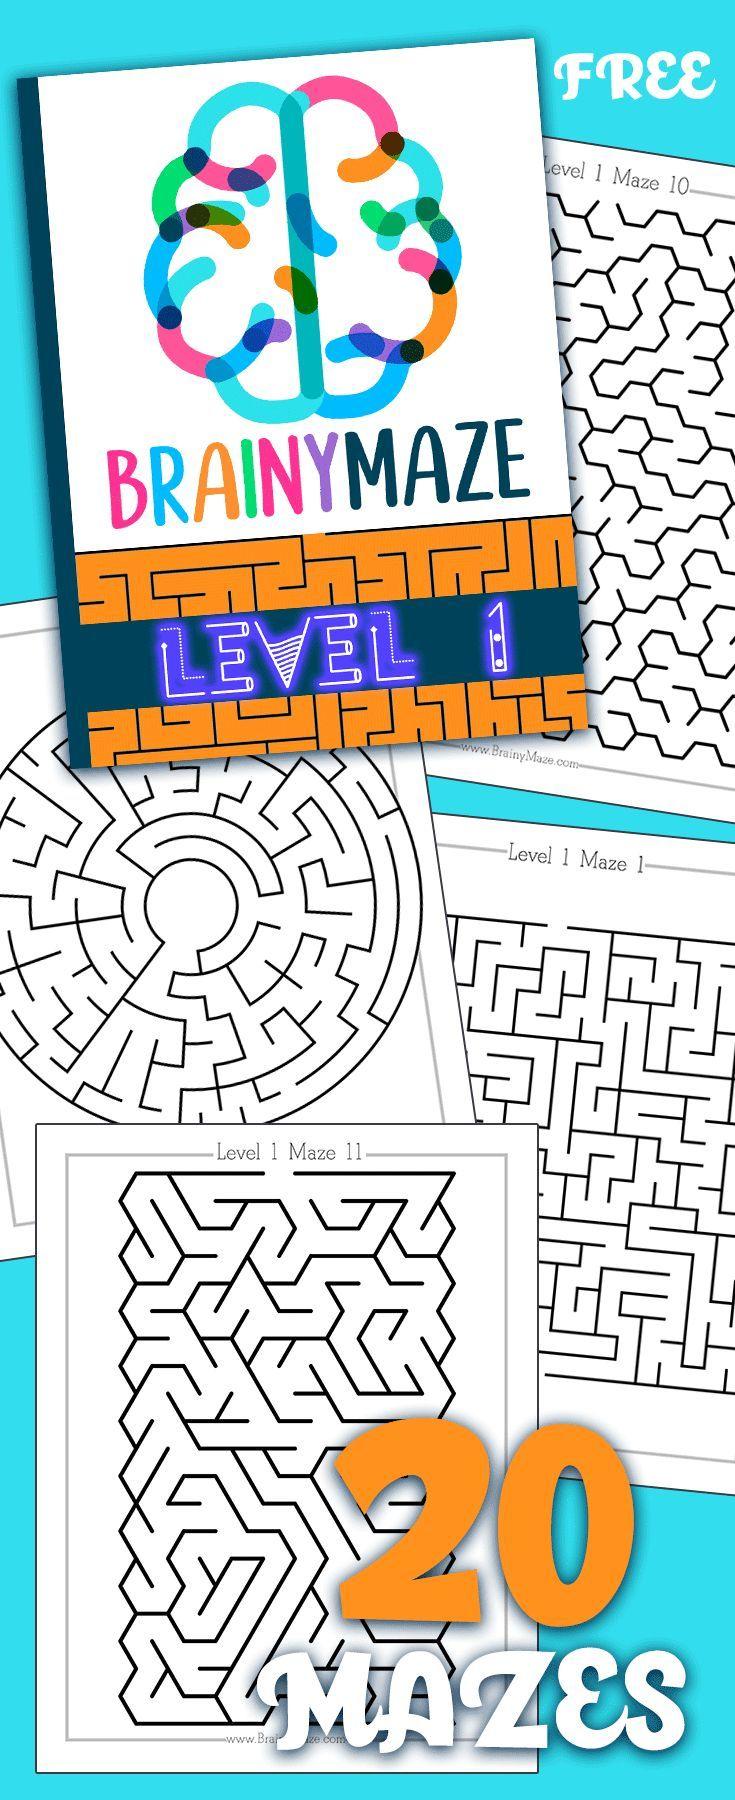 Level 1 20 Free Mazes!! in 2020 Free kindergarten